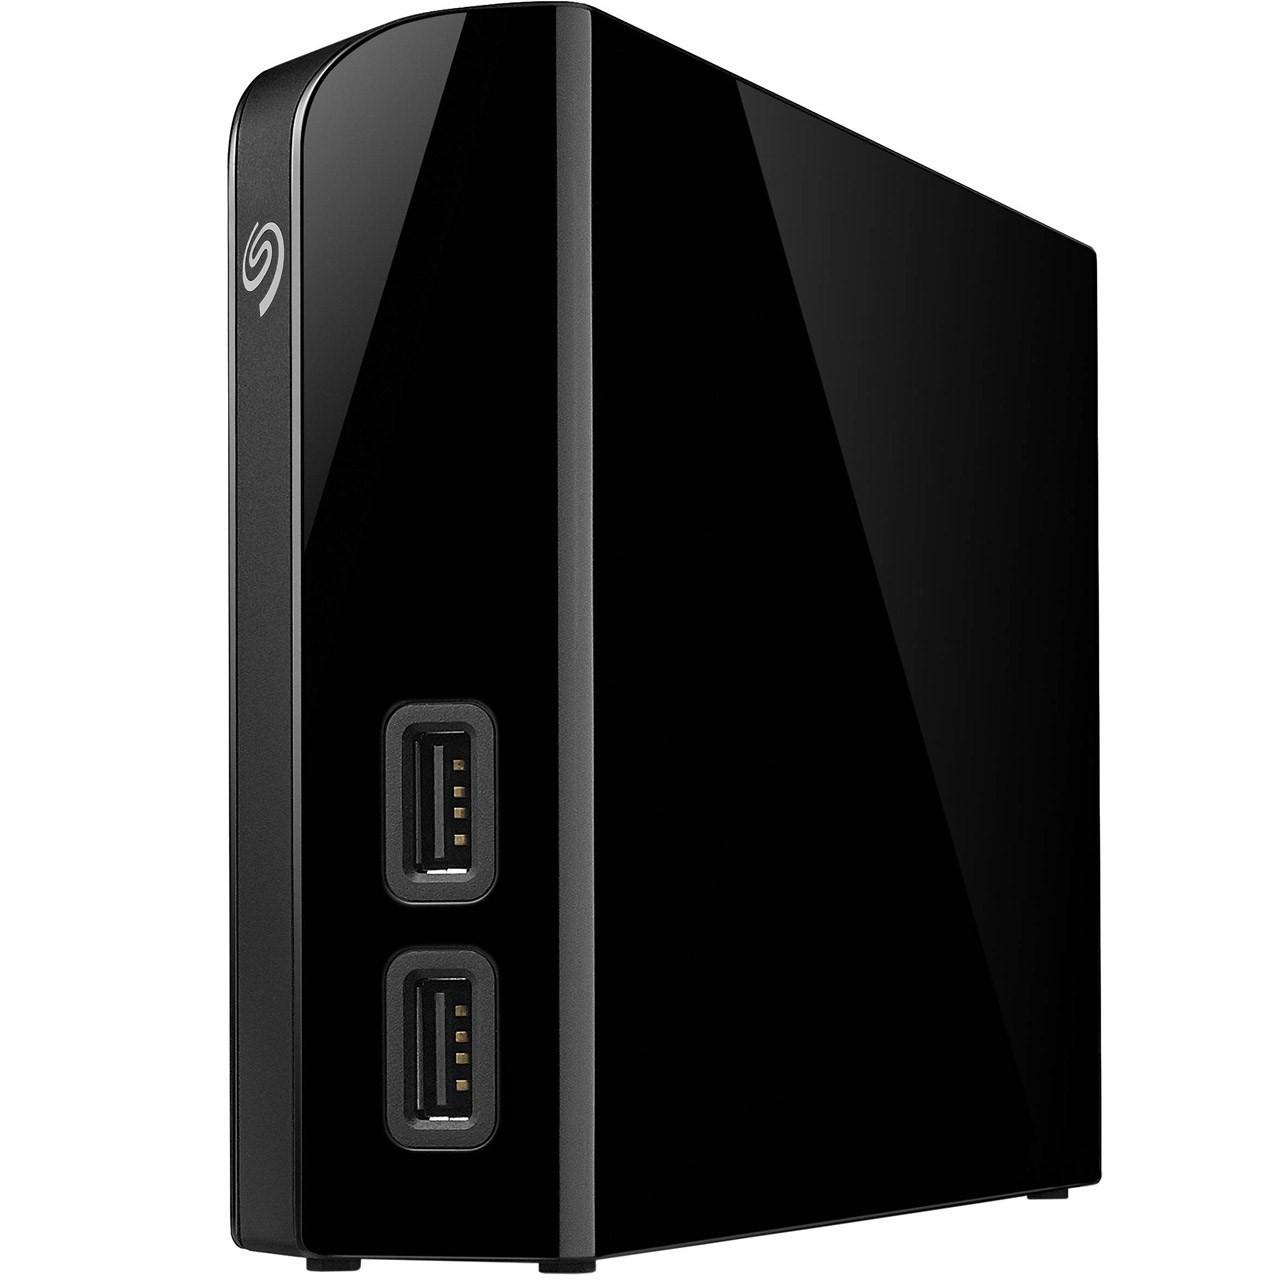 هارد ديسک اکسترنال رومیزی Seagate Backup Plus Hub - 4TB